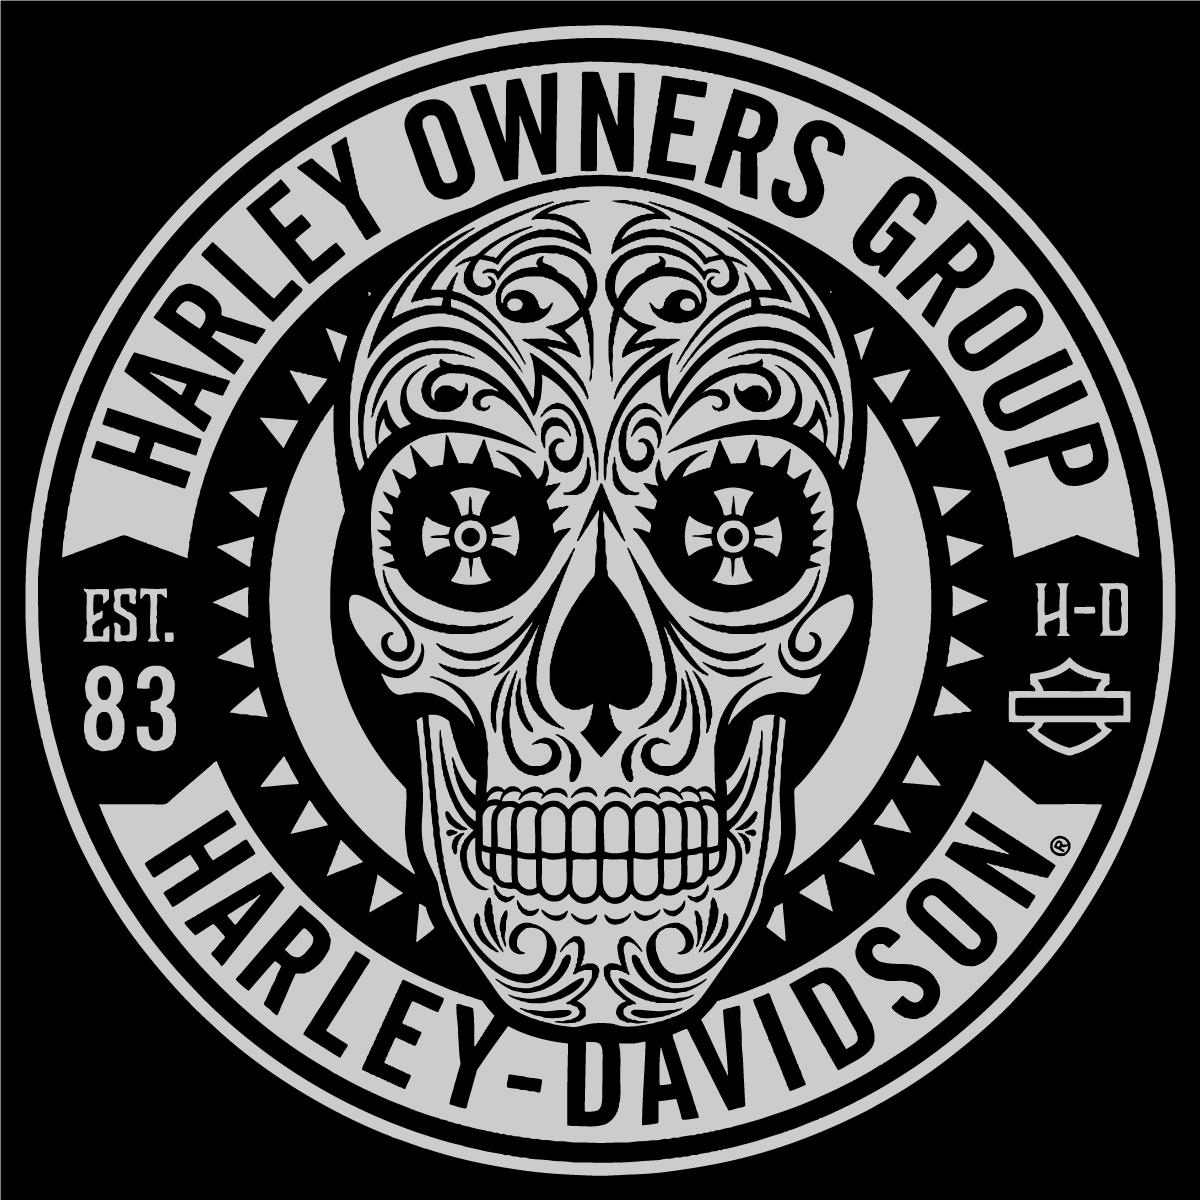 Harley Davidson Owners Group Skull Logo Vector Patch Sticker Badge Harley Harley Davidson Art Harley Davidson